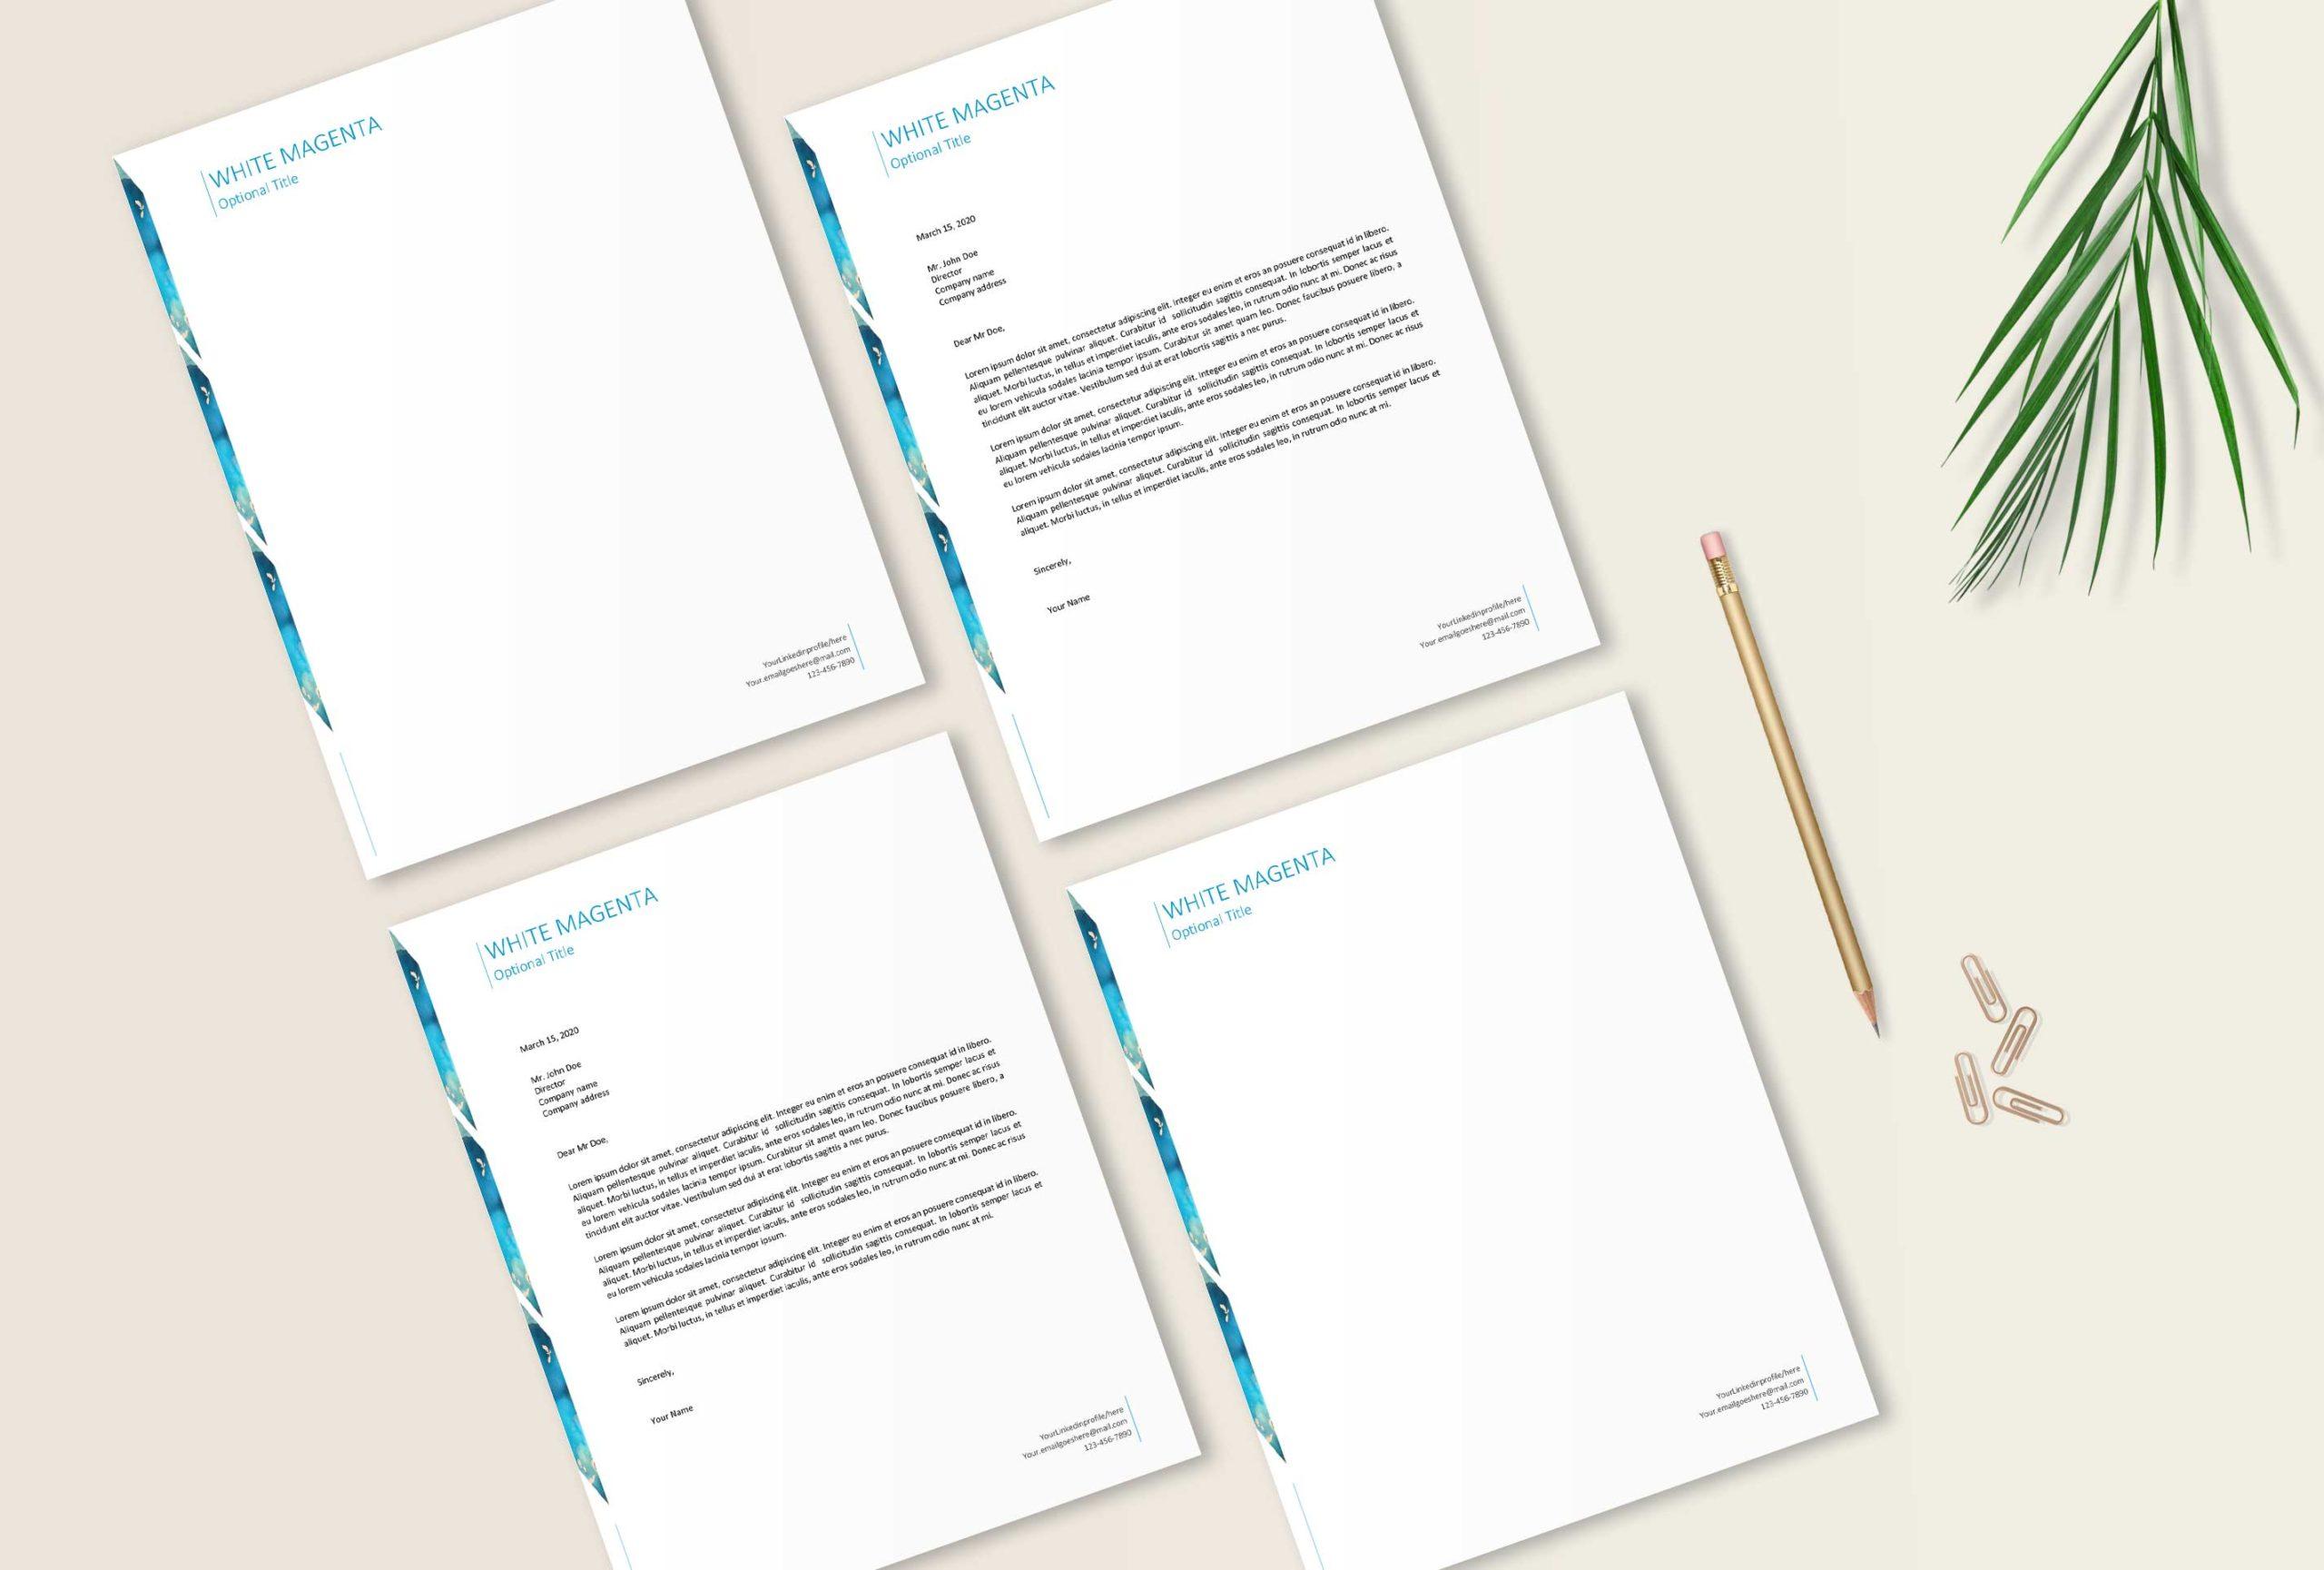 Business Letterhead Design   Cover Letter Template for ...